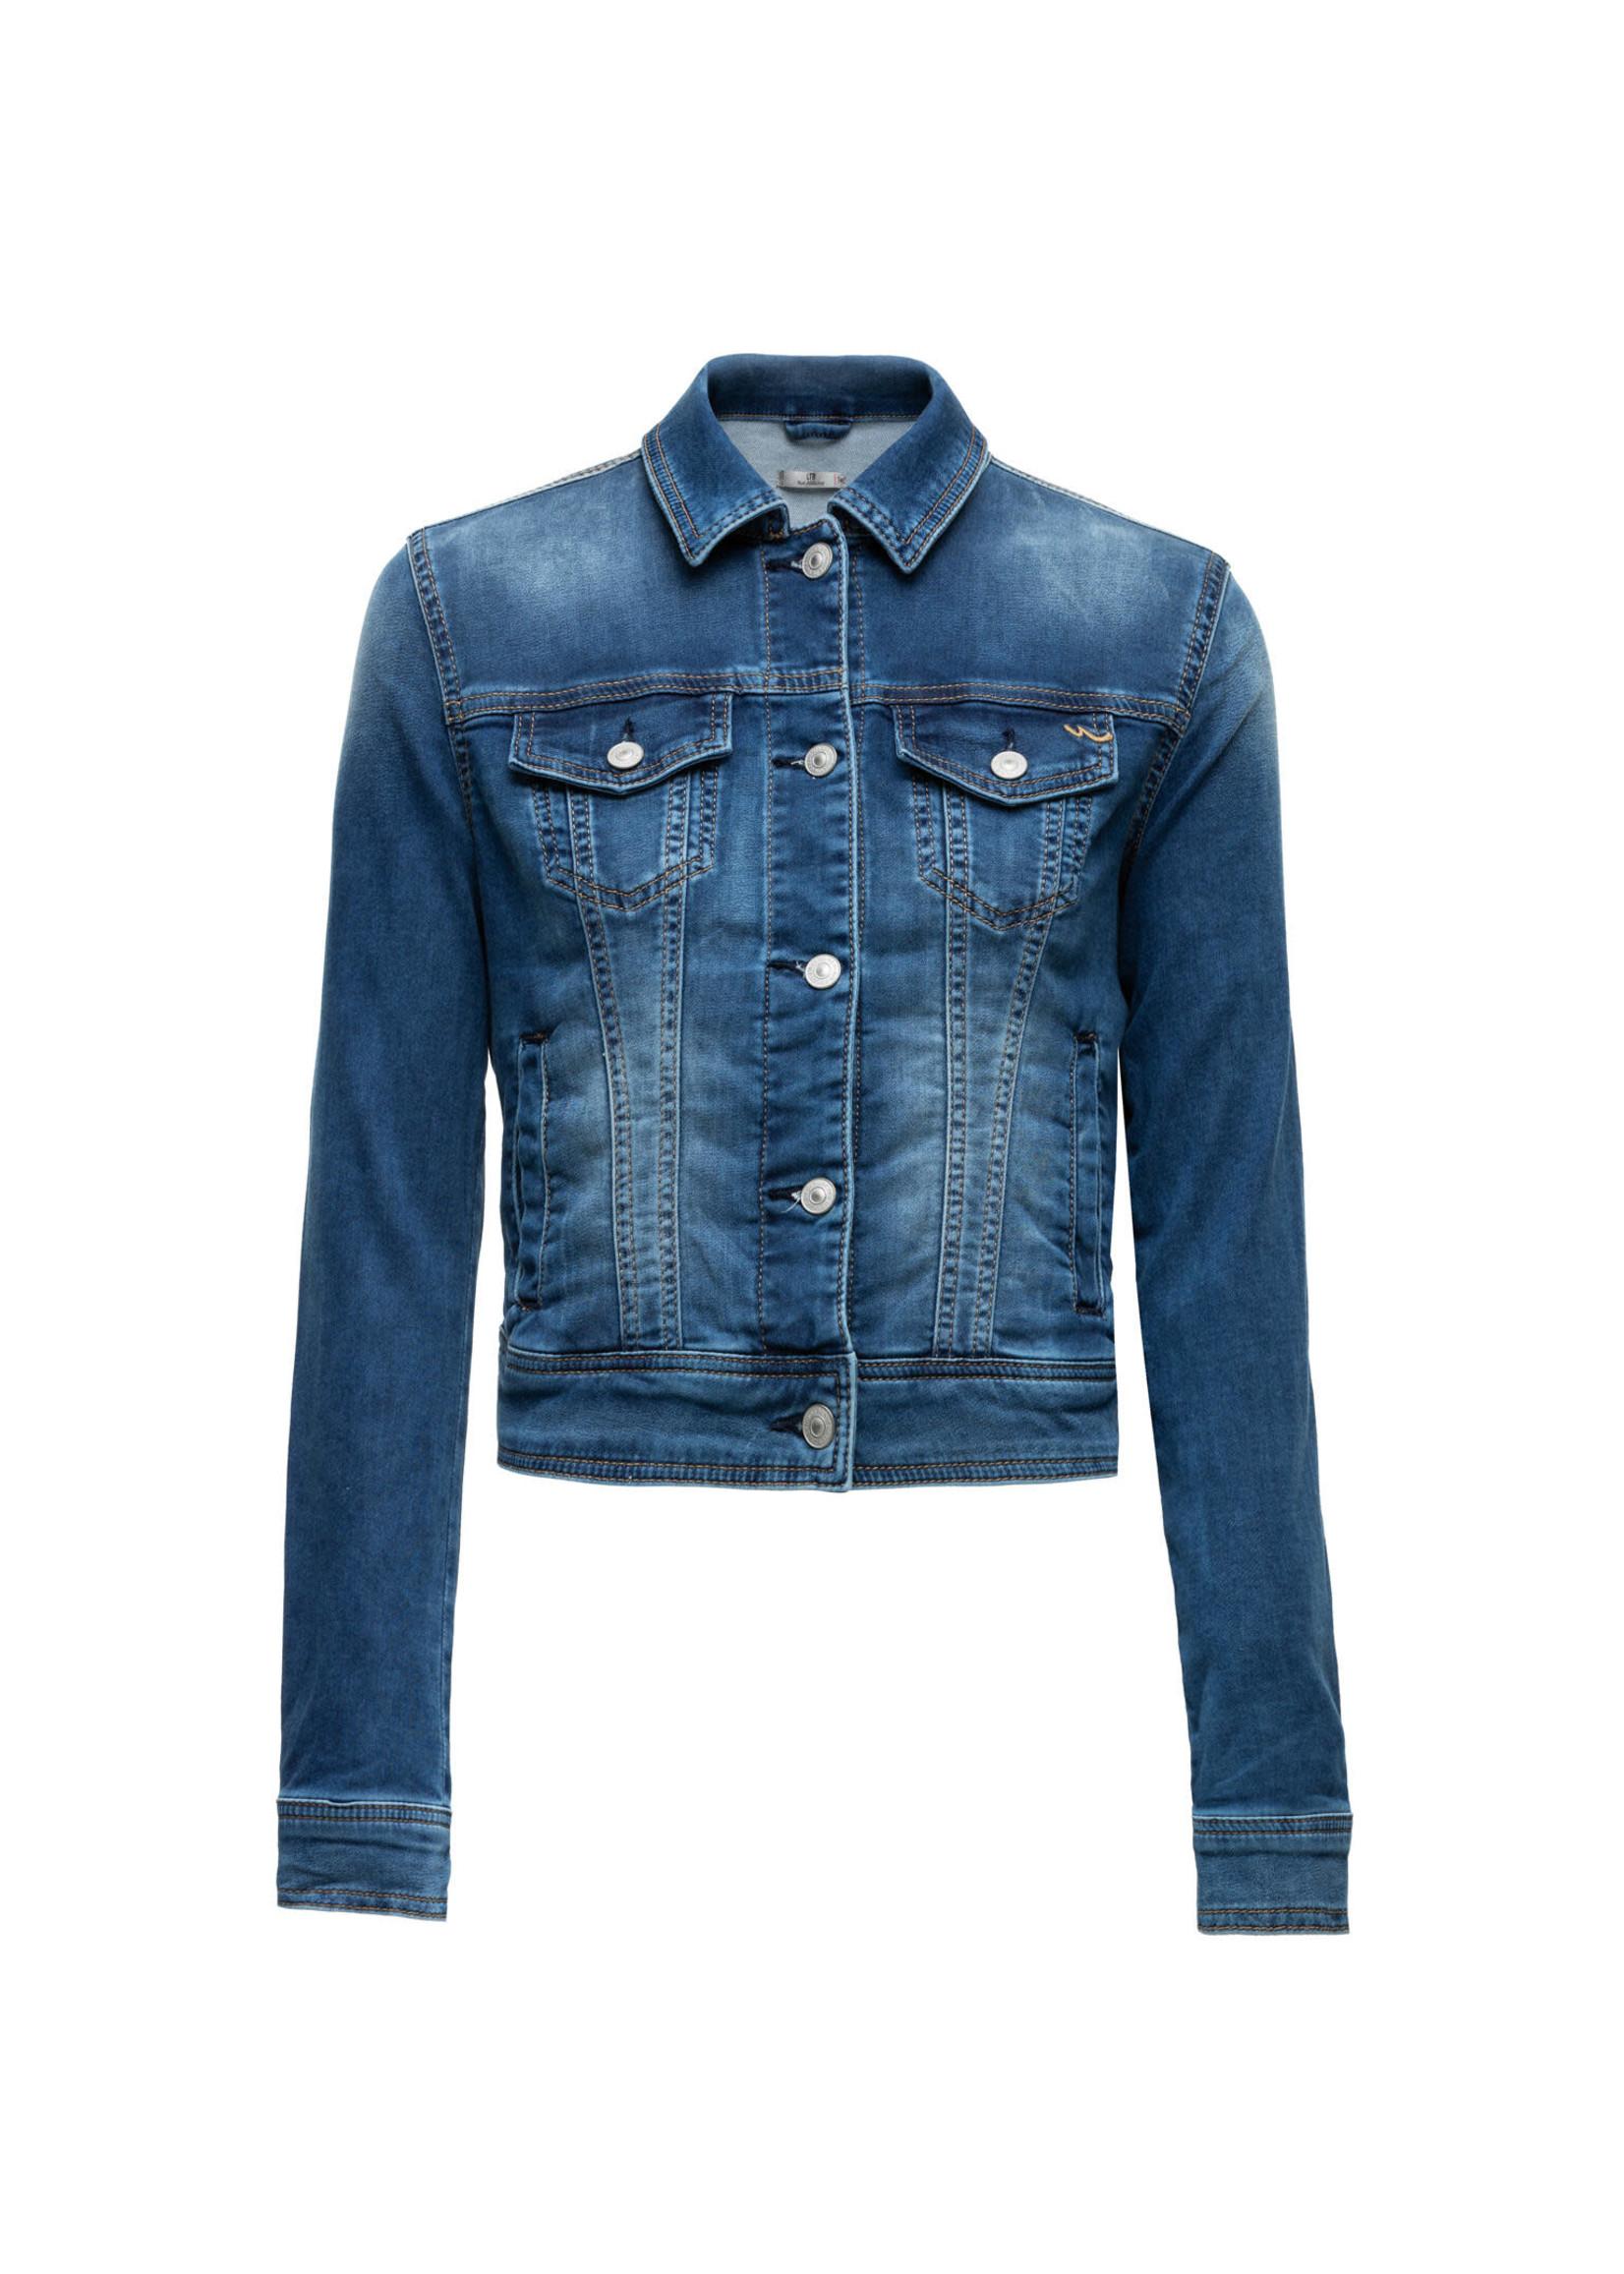 LTB DESTIN Comfort Fit Jeans Jacket